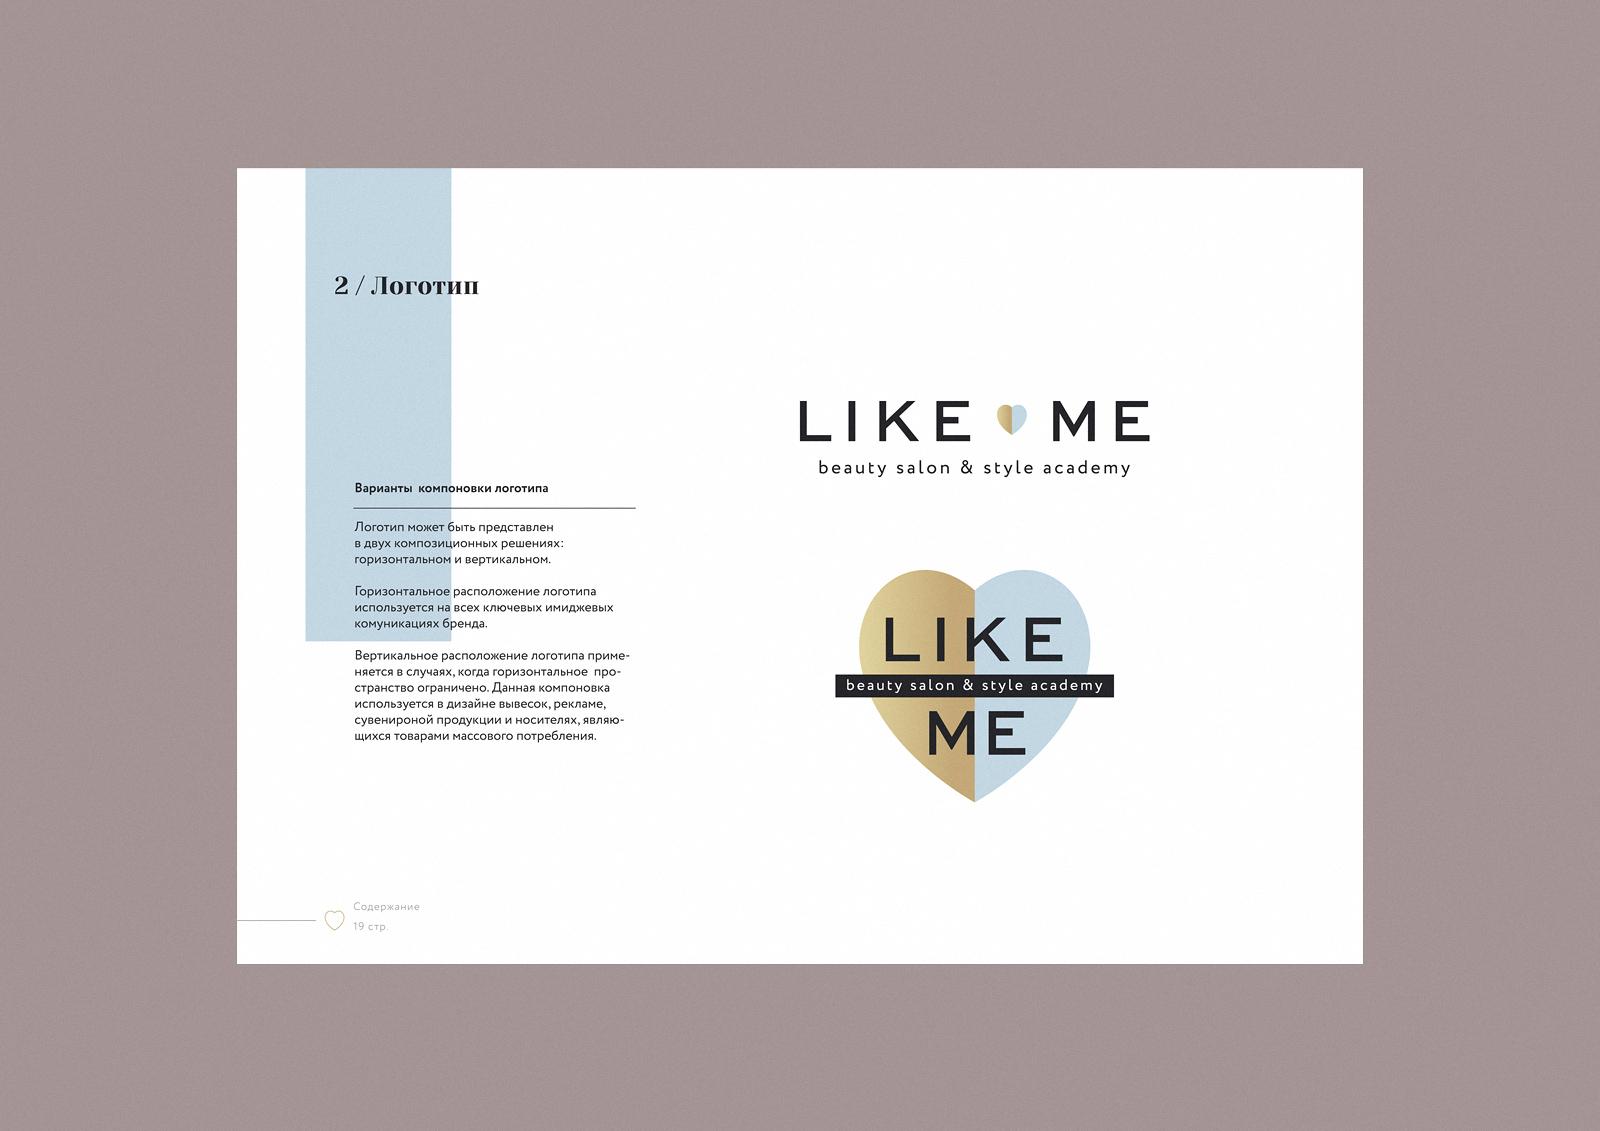 Дизайн логотипа Like Me: принципы построения логотипа бренда детально прописаны в брендбуке.